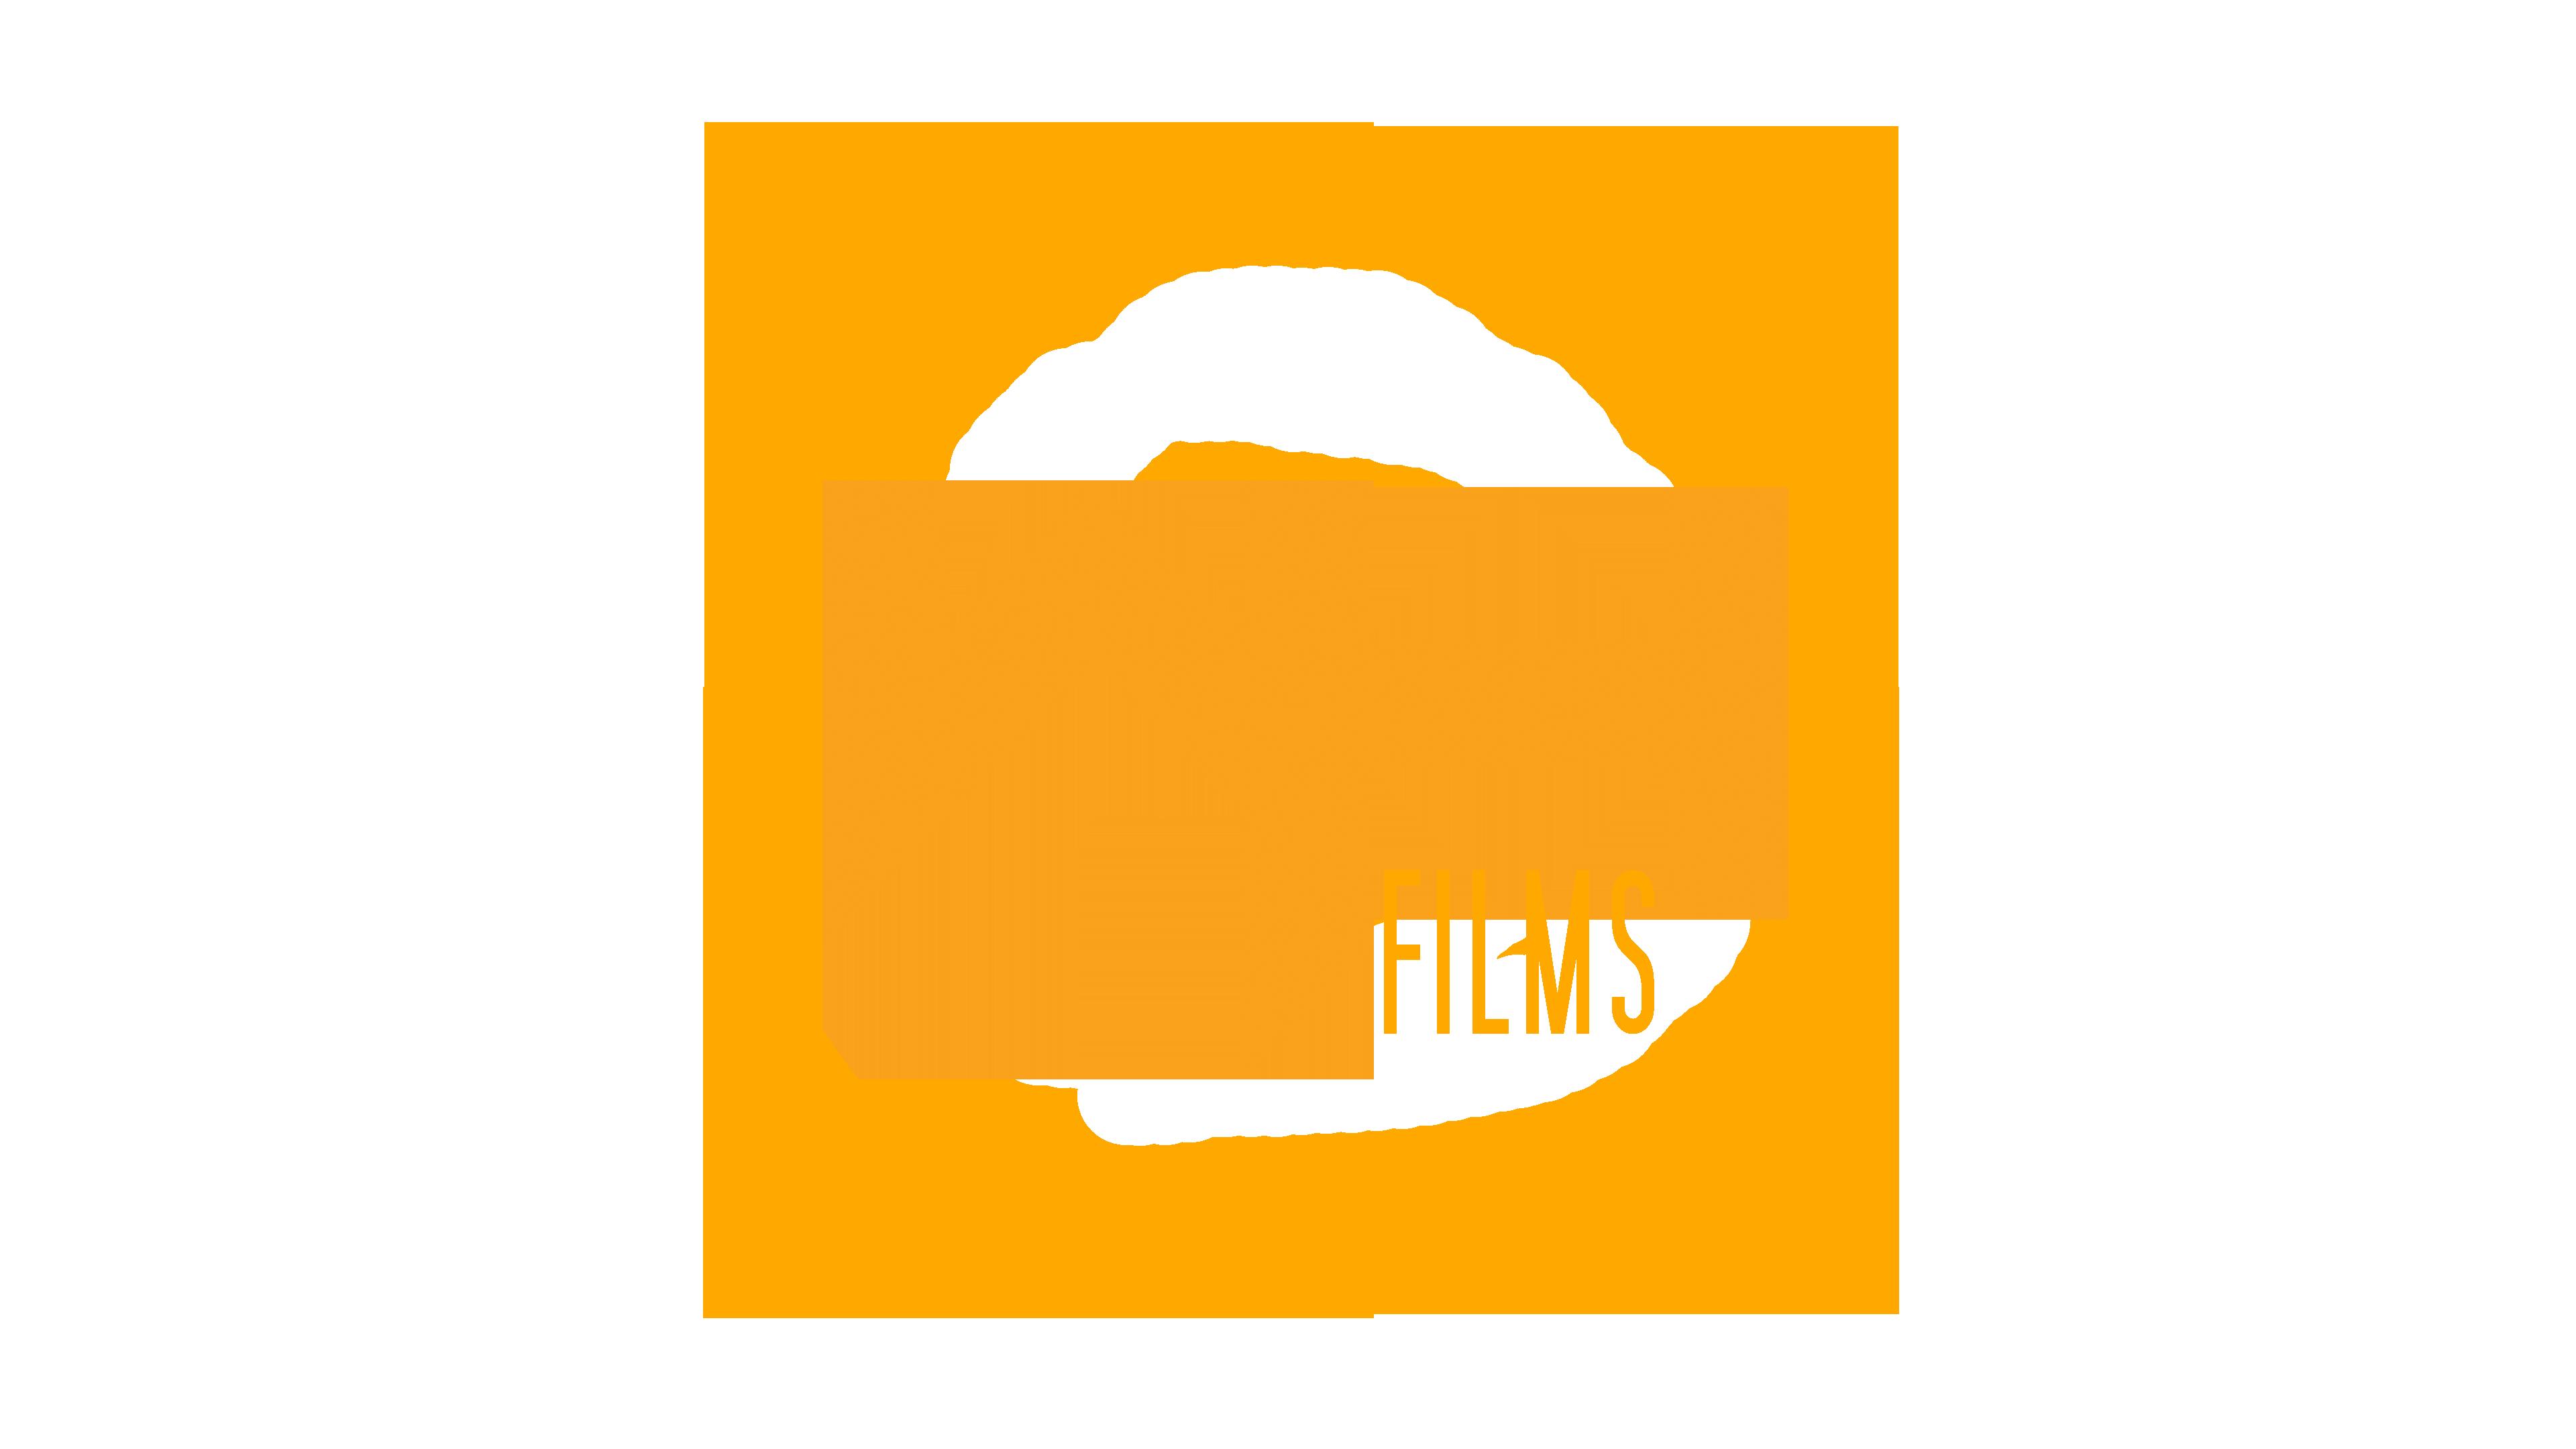 Ward Hopstaken Films Logo